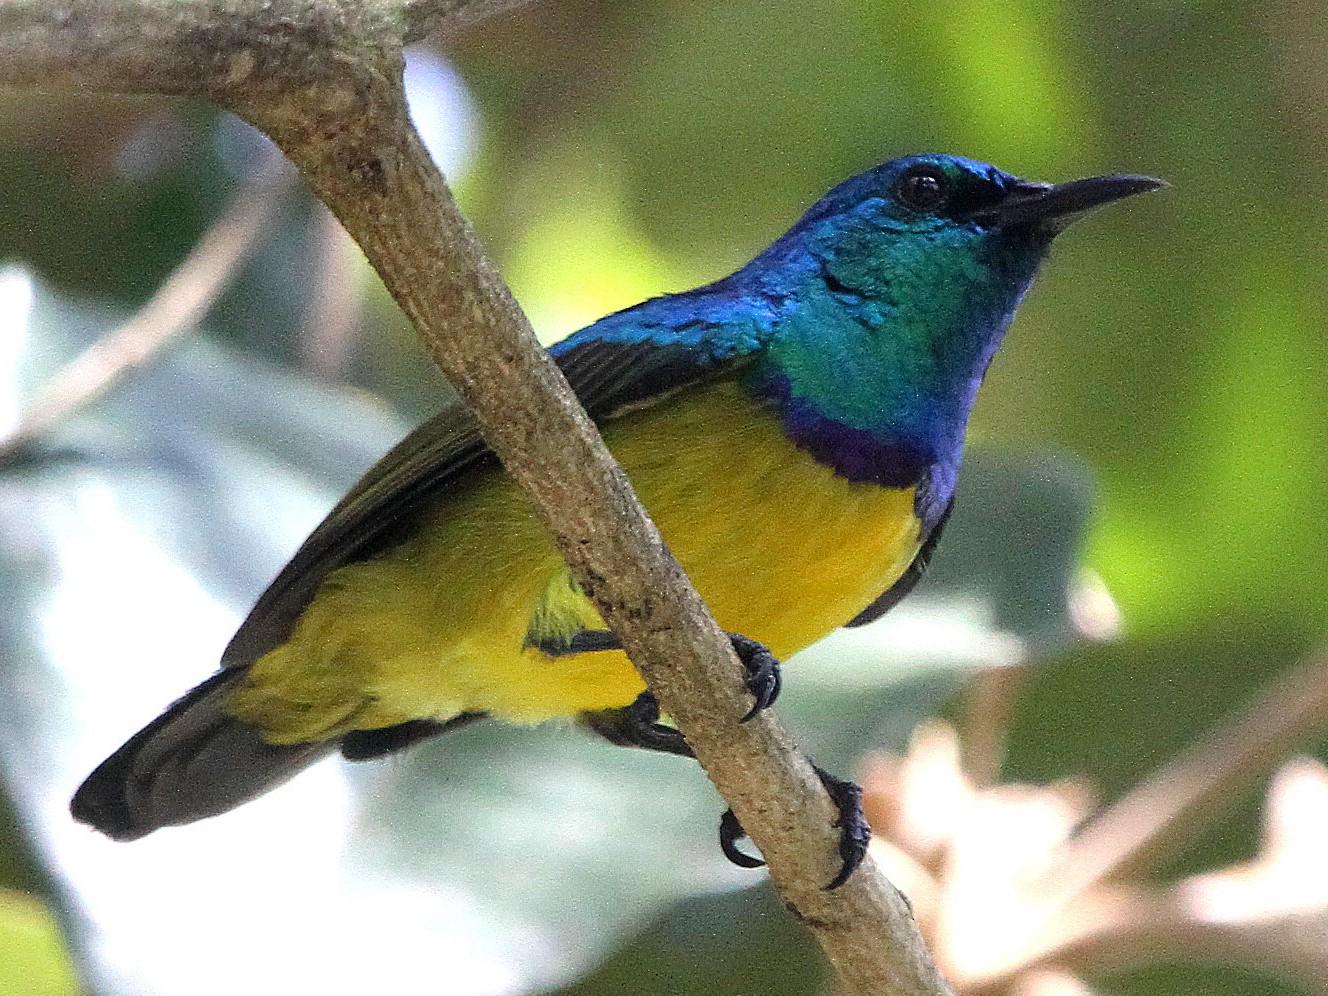 Collared Sunbird - Stephen Gast